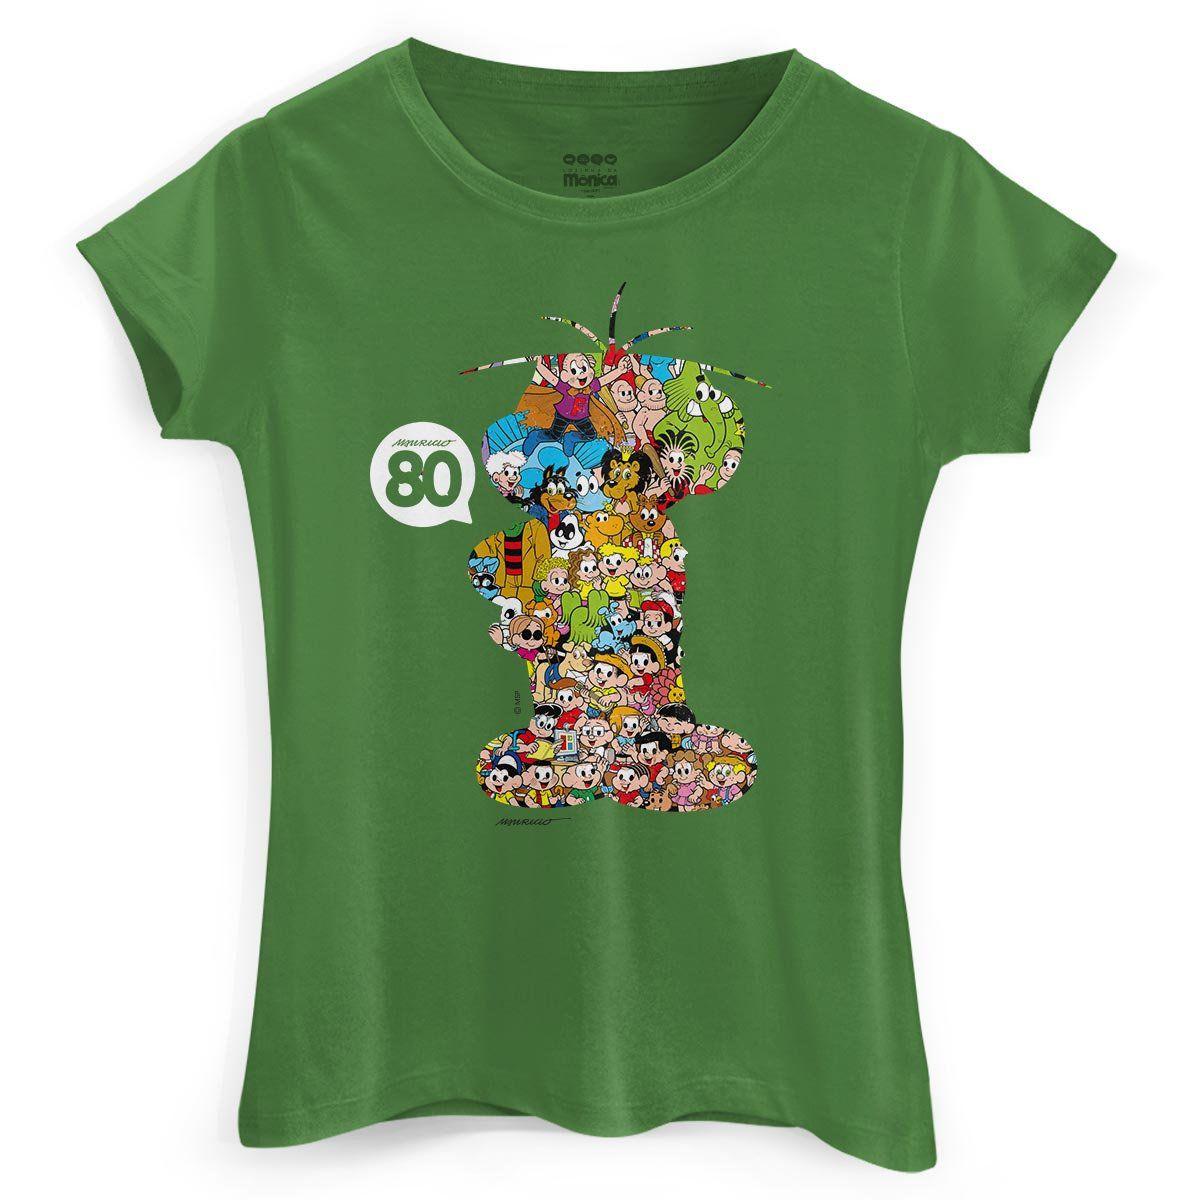 Camiseta Feminina Maurício de Sousa 80 Anos Cebolinha